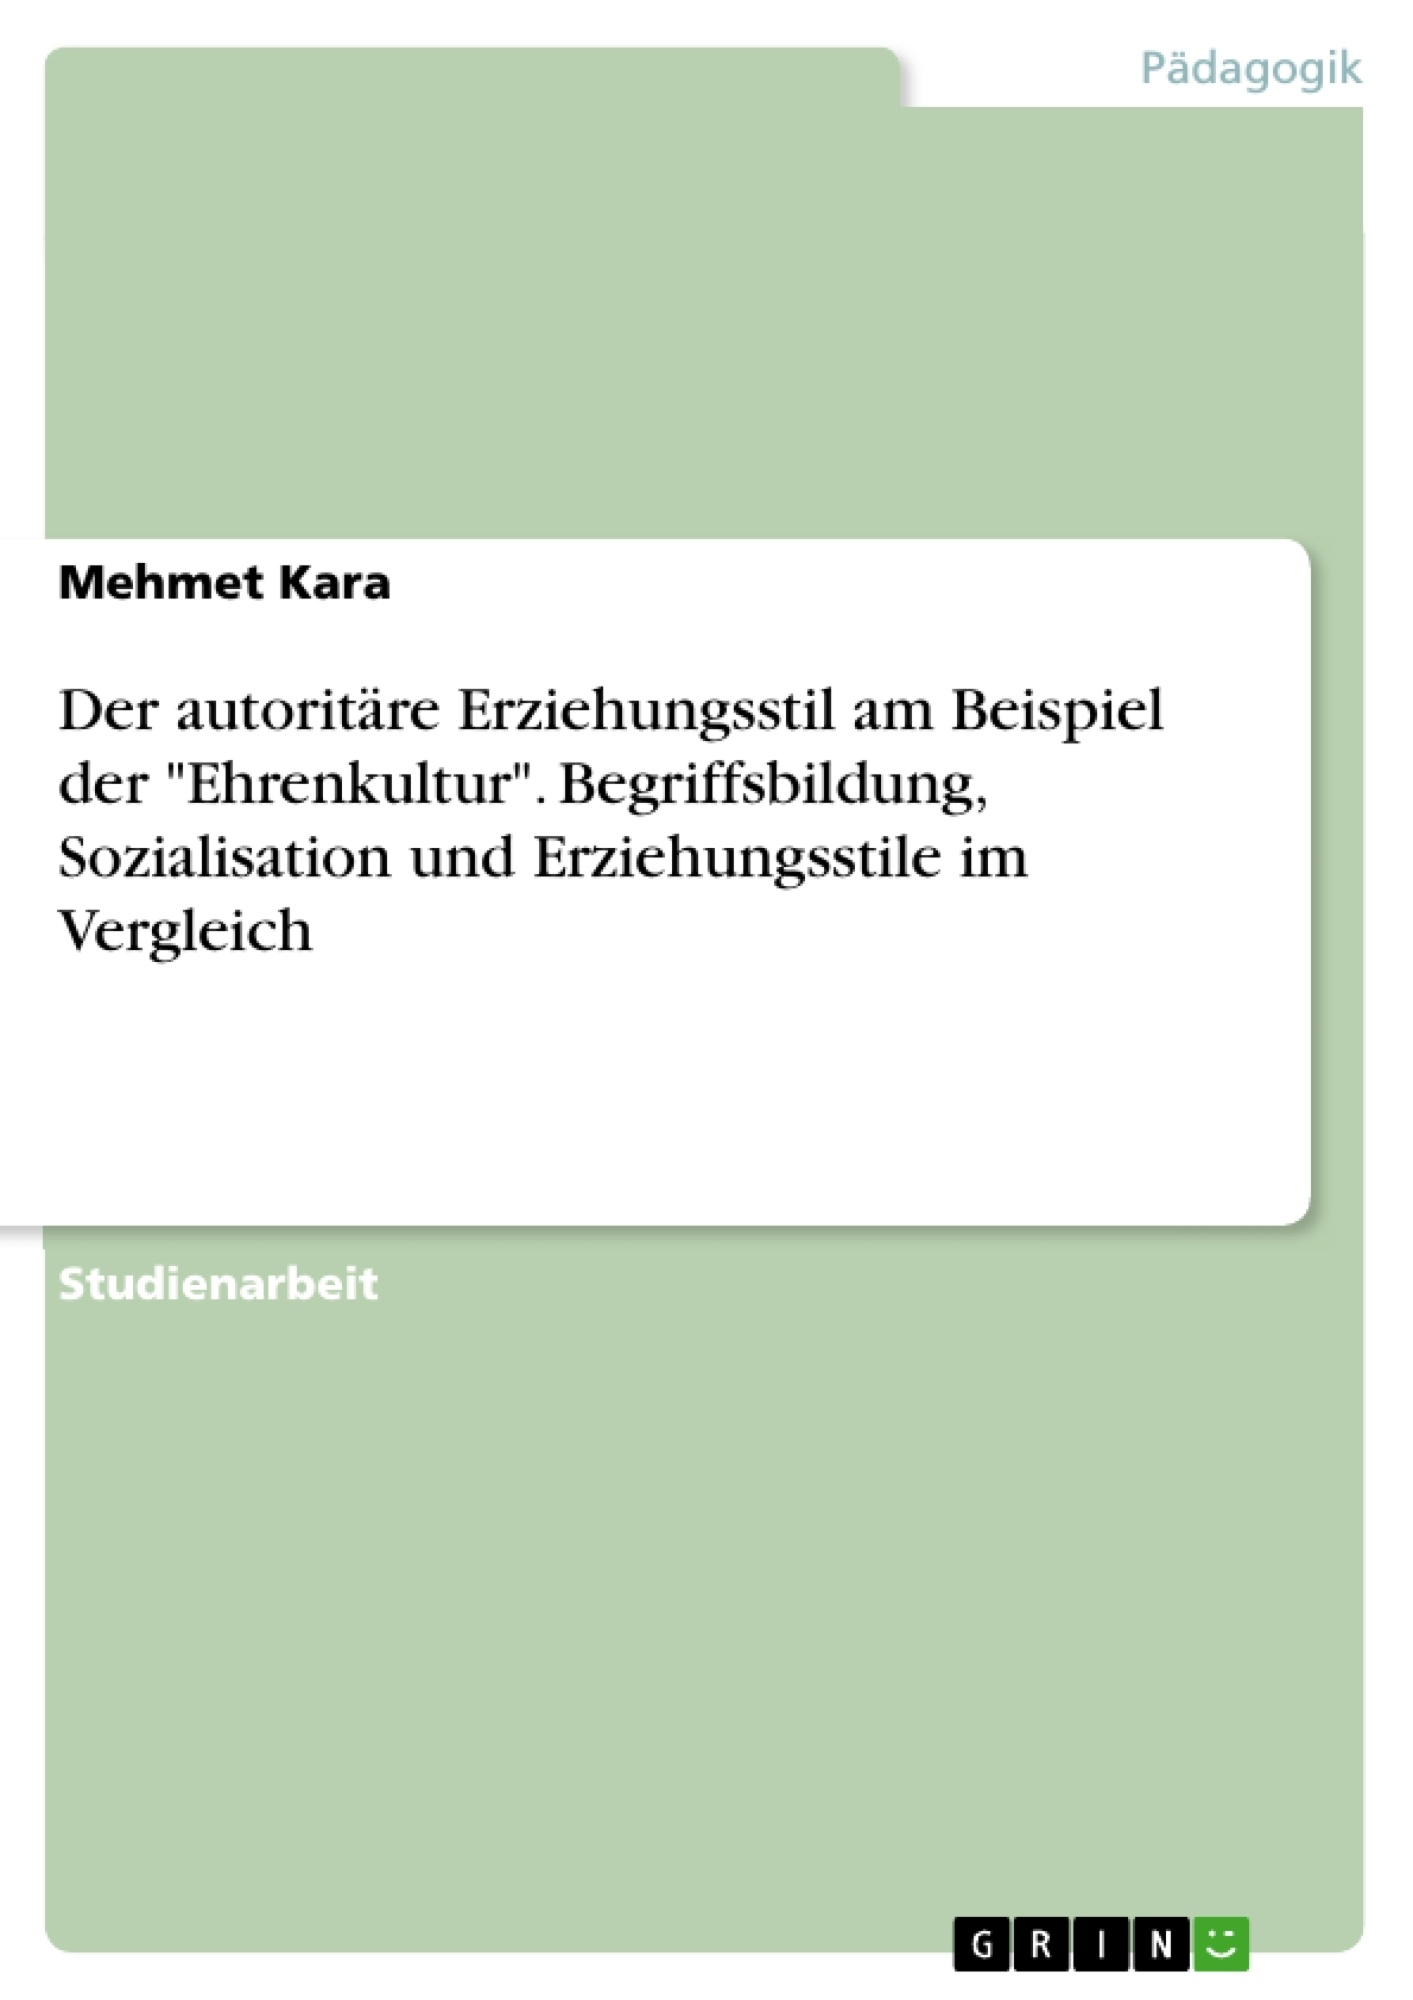 """Titel: Der autoritäre Erziehungsstil am Beispiel der """"Ehrenkultur"""". Begriffsbildung, Sozialisation und Erziehungsstile im Vergleich"""